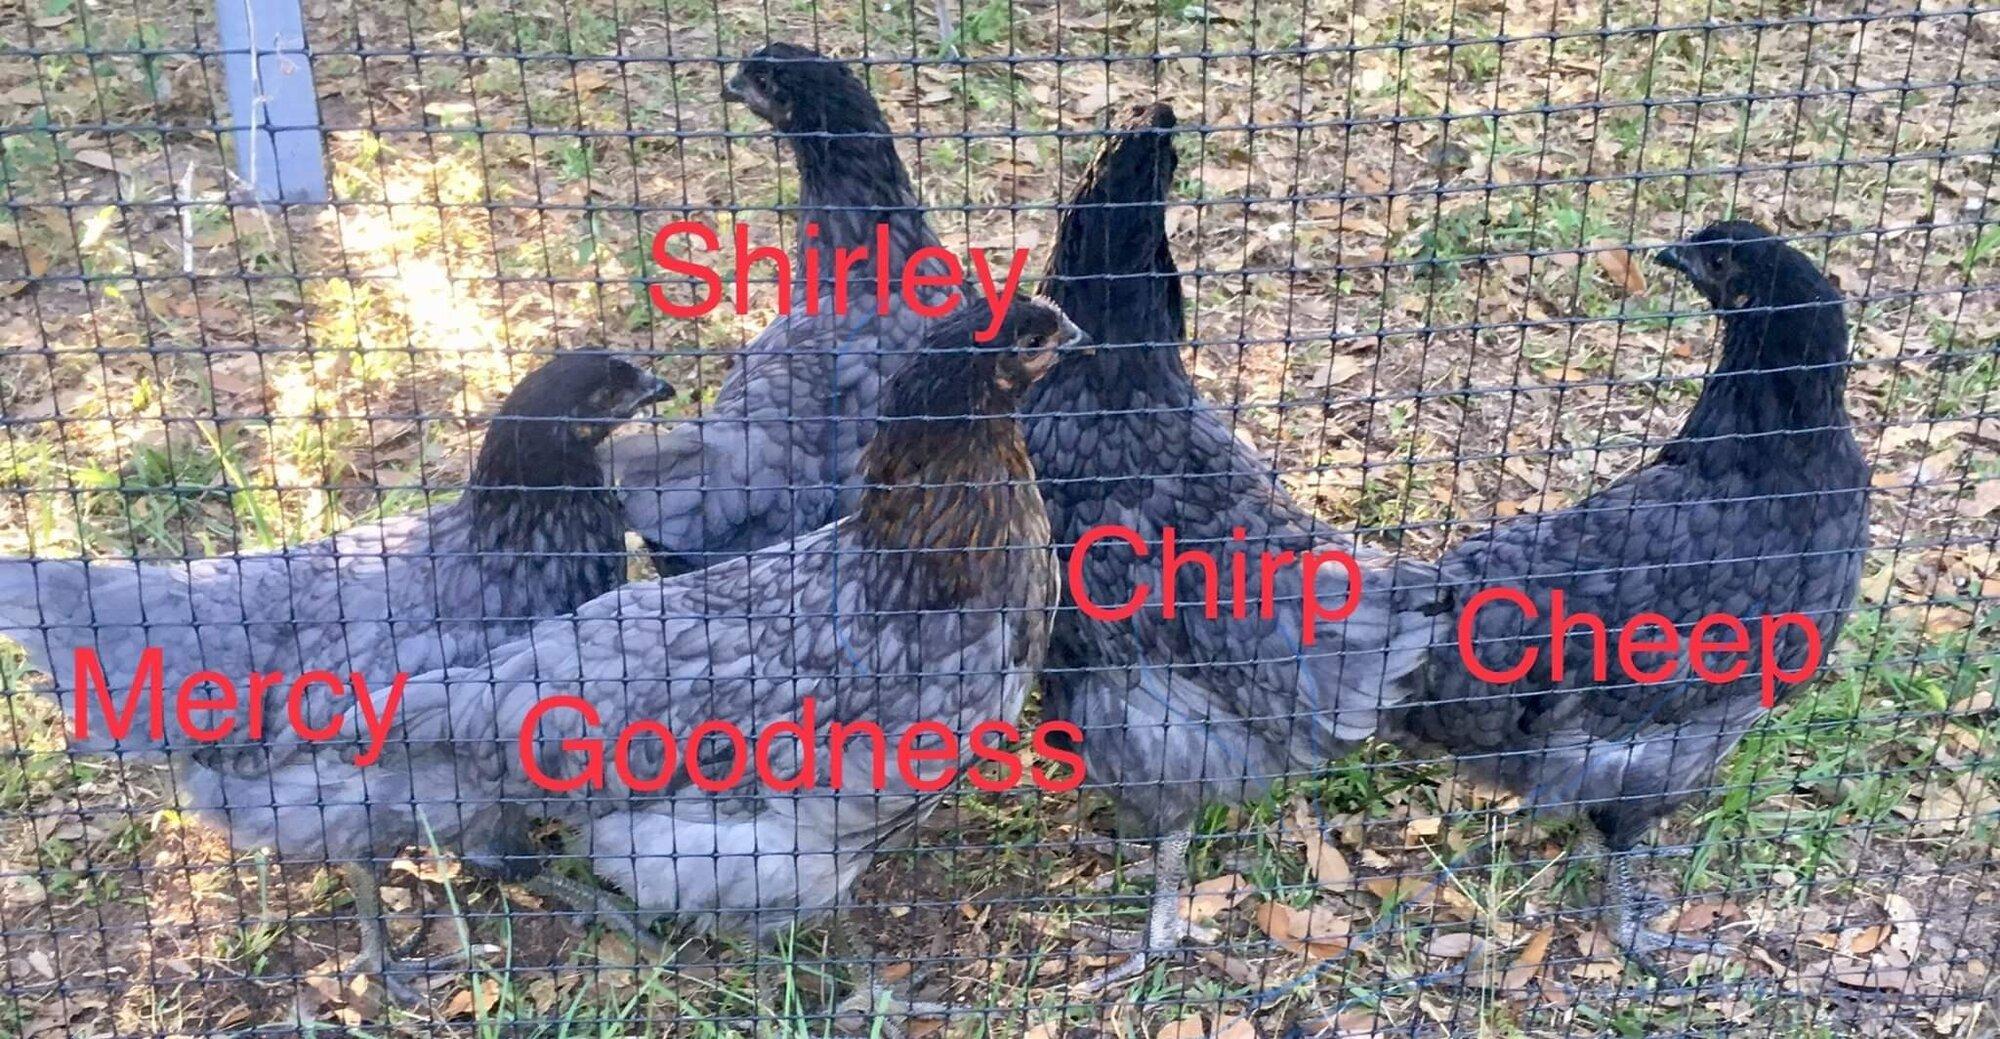 Chickens 05 06 19 1.JPG